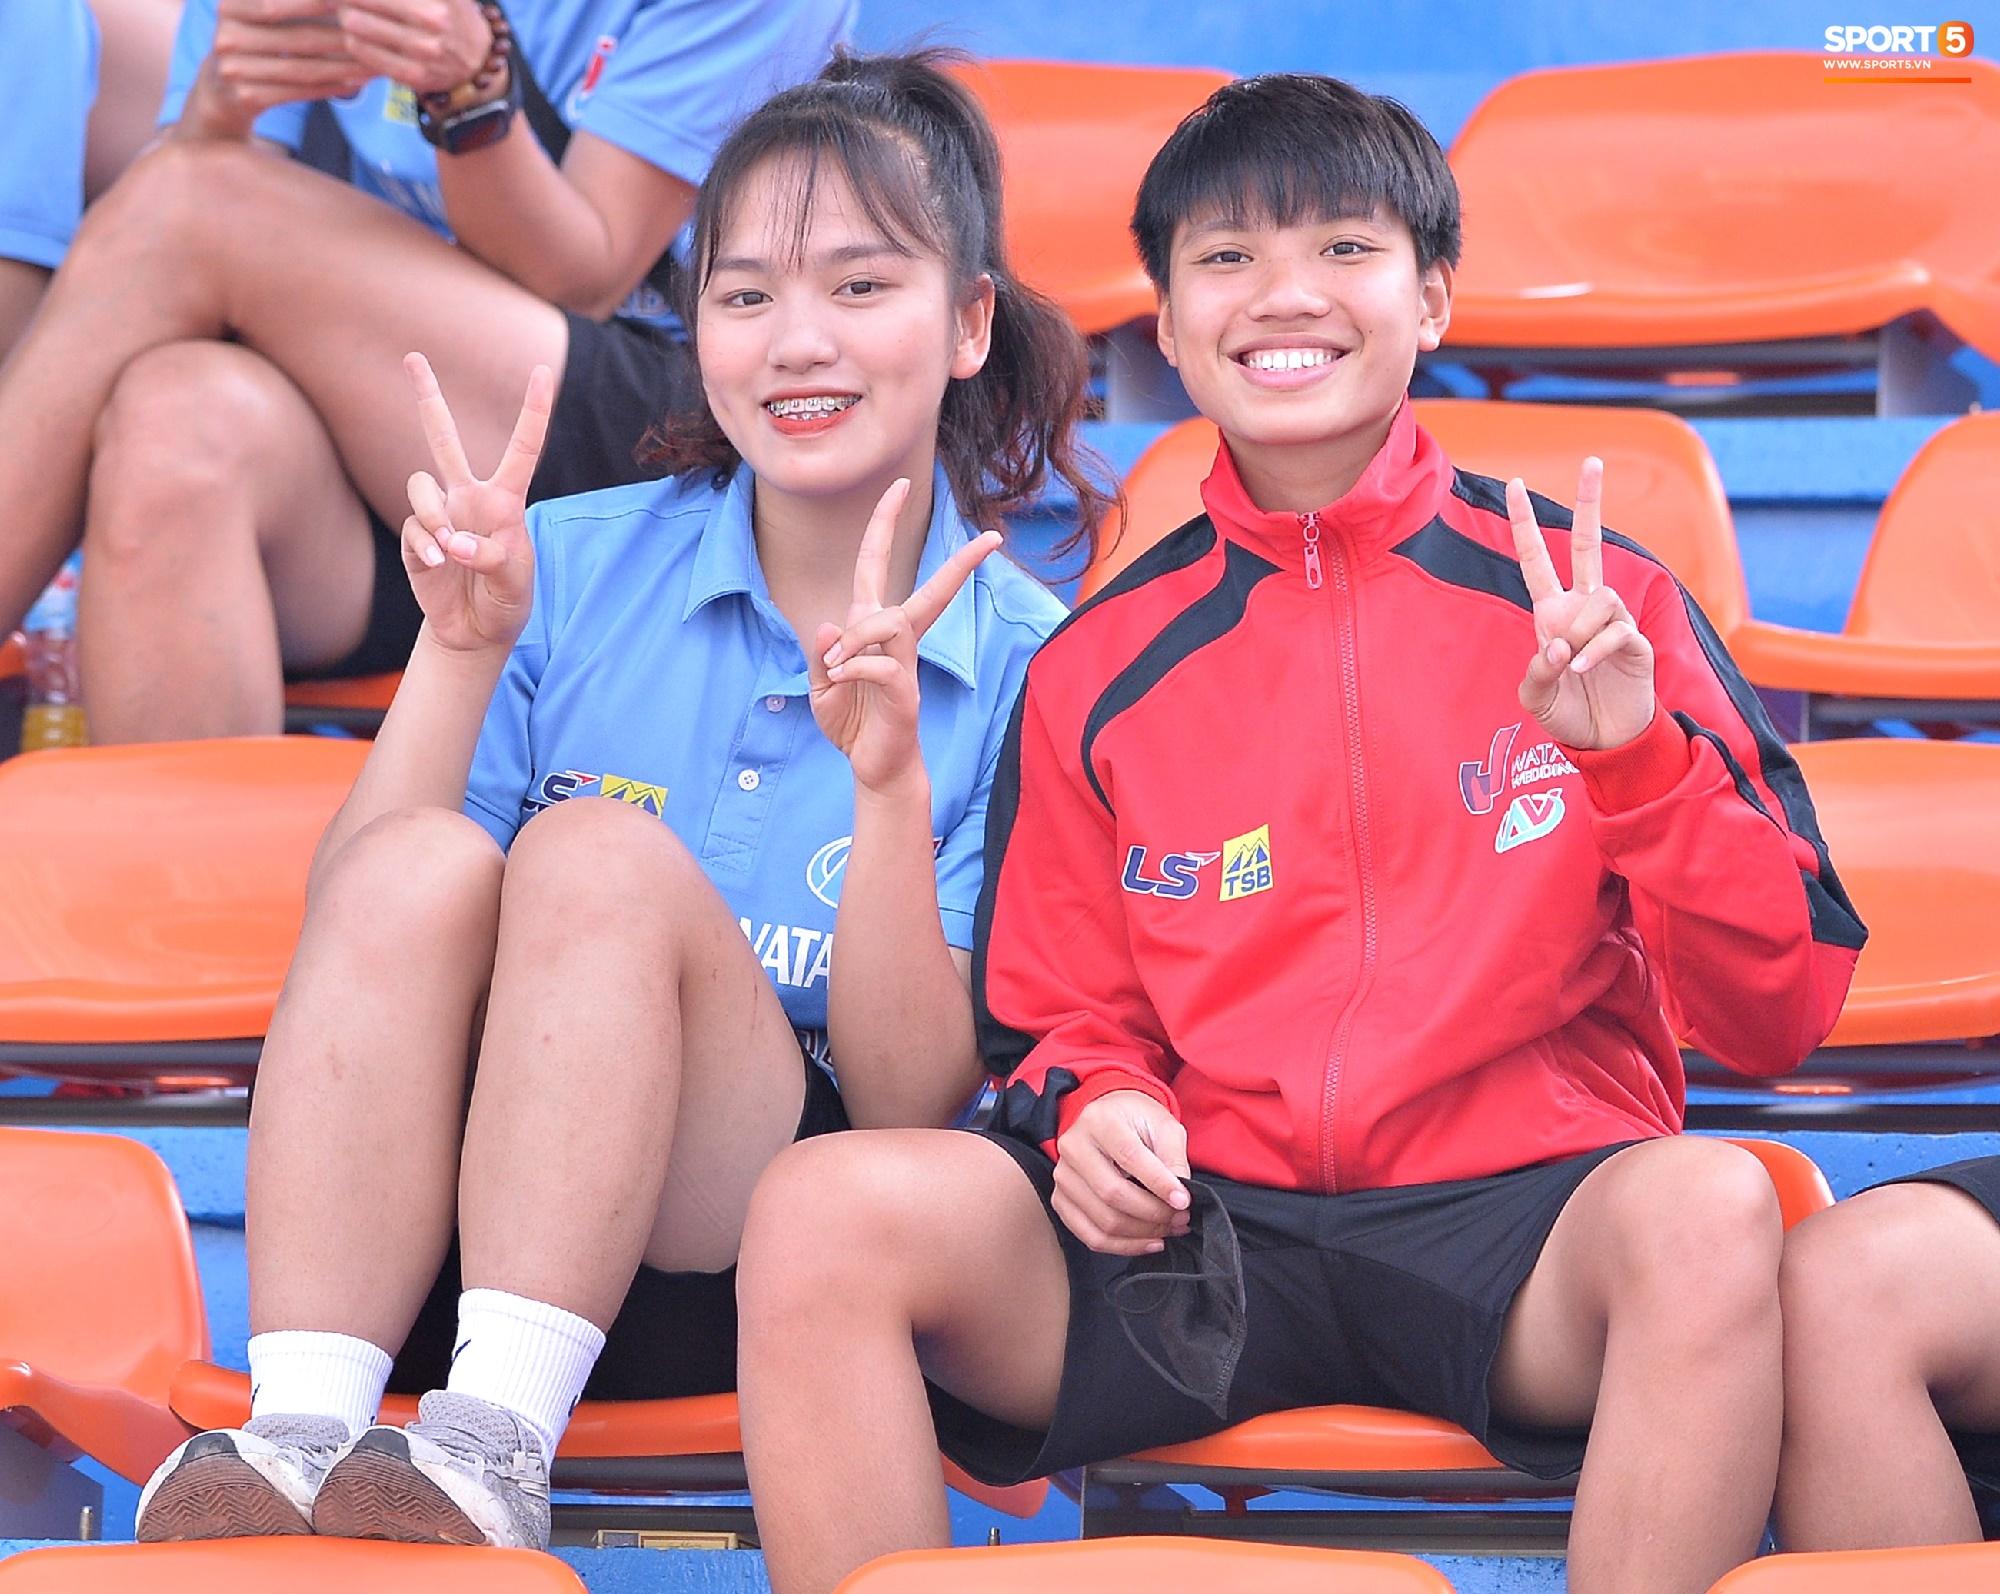 Dàn gái xinh rạng rỡ, đáng yêu trong ngày bế mạc giải bóng đá Nữ Vô địch U19 Quốc gia 2021 - ảnh 13